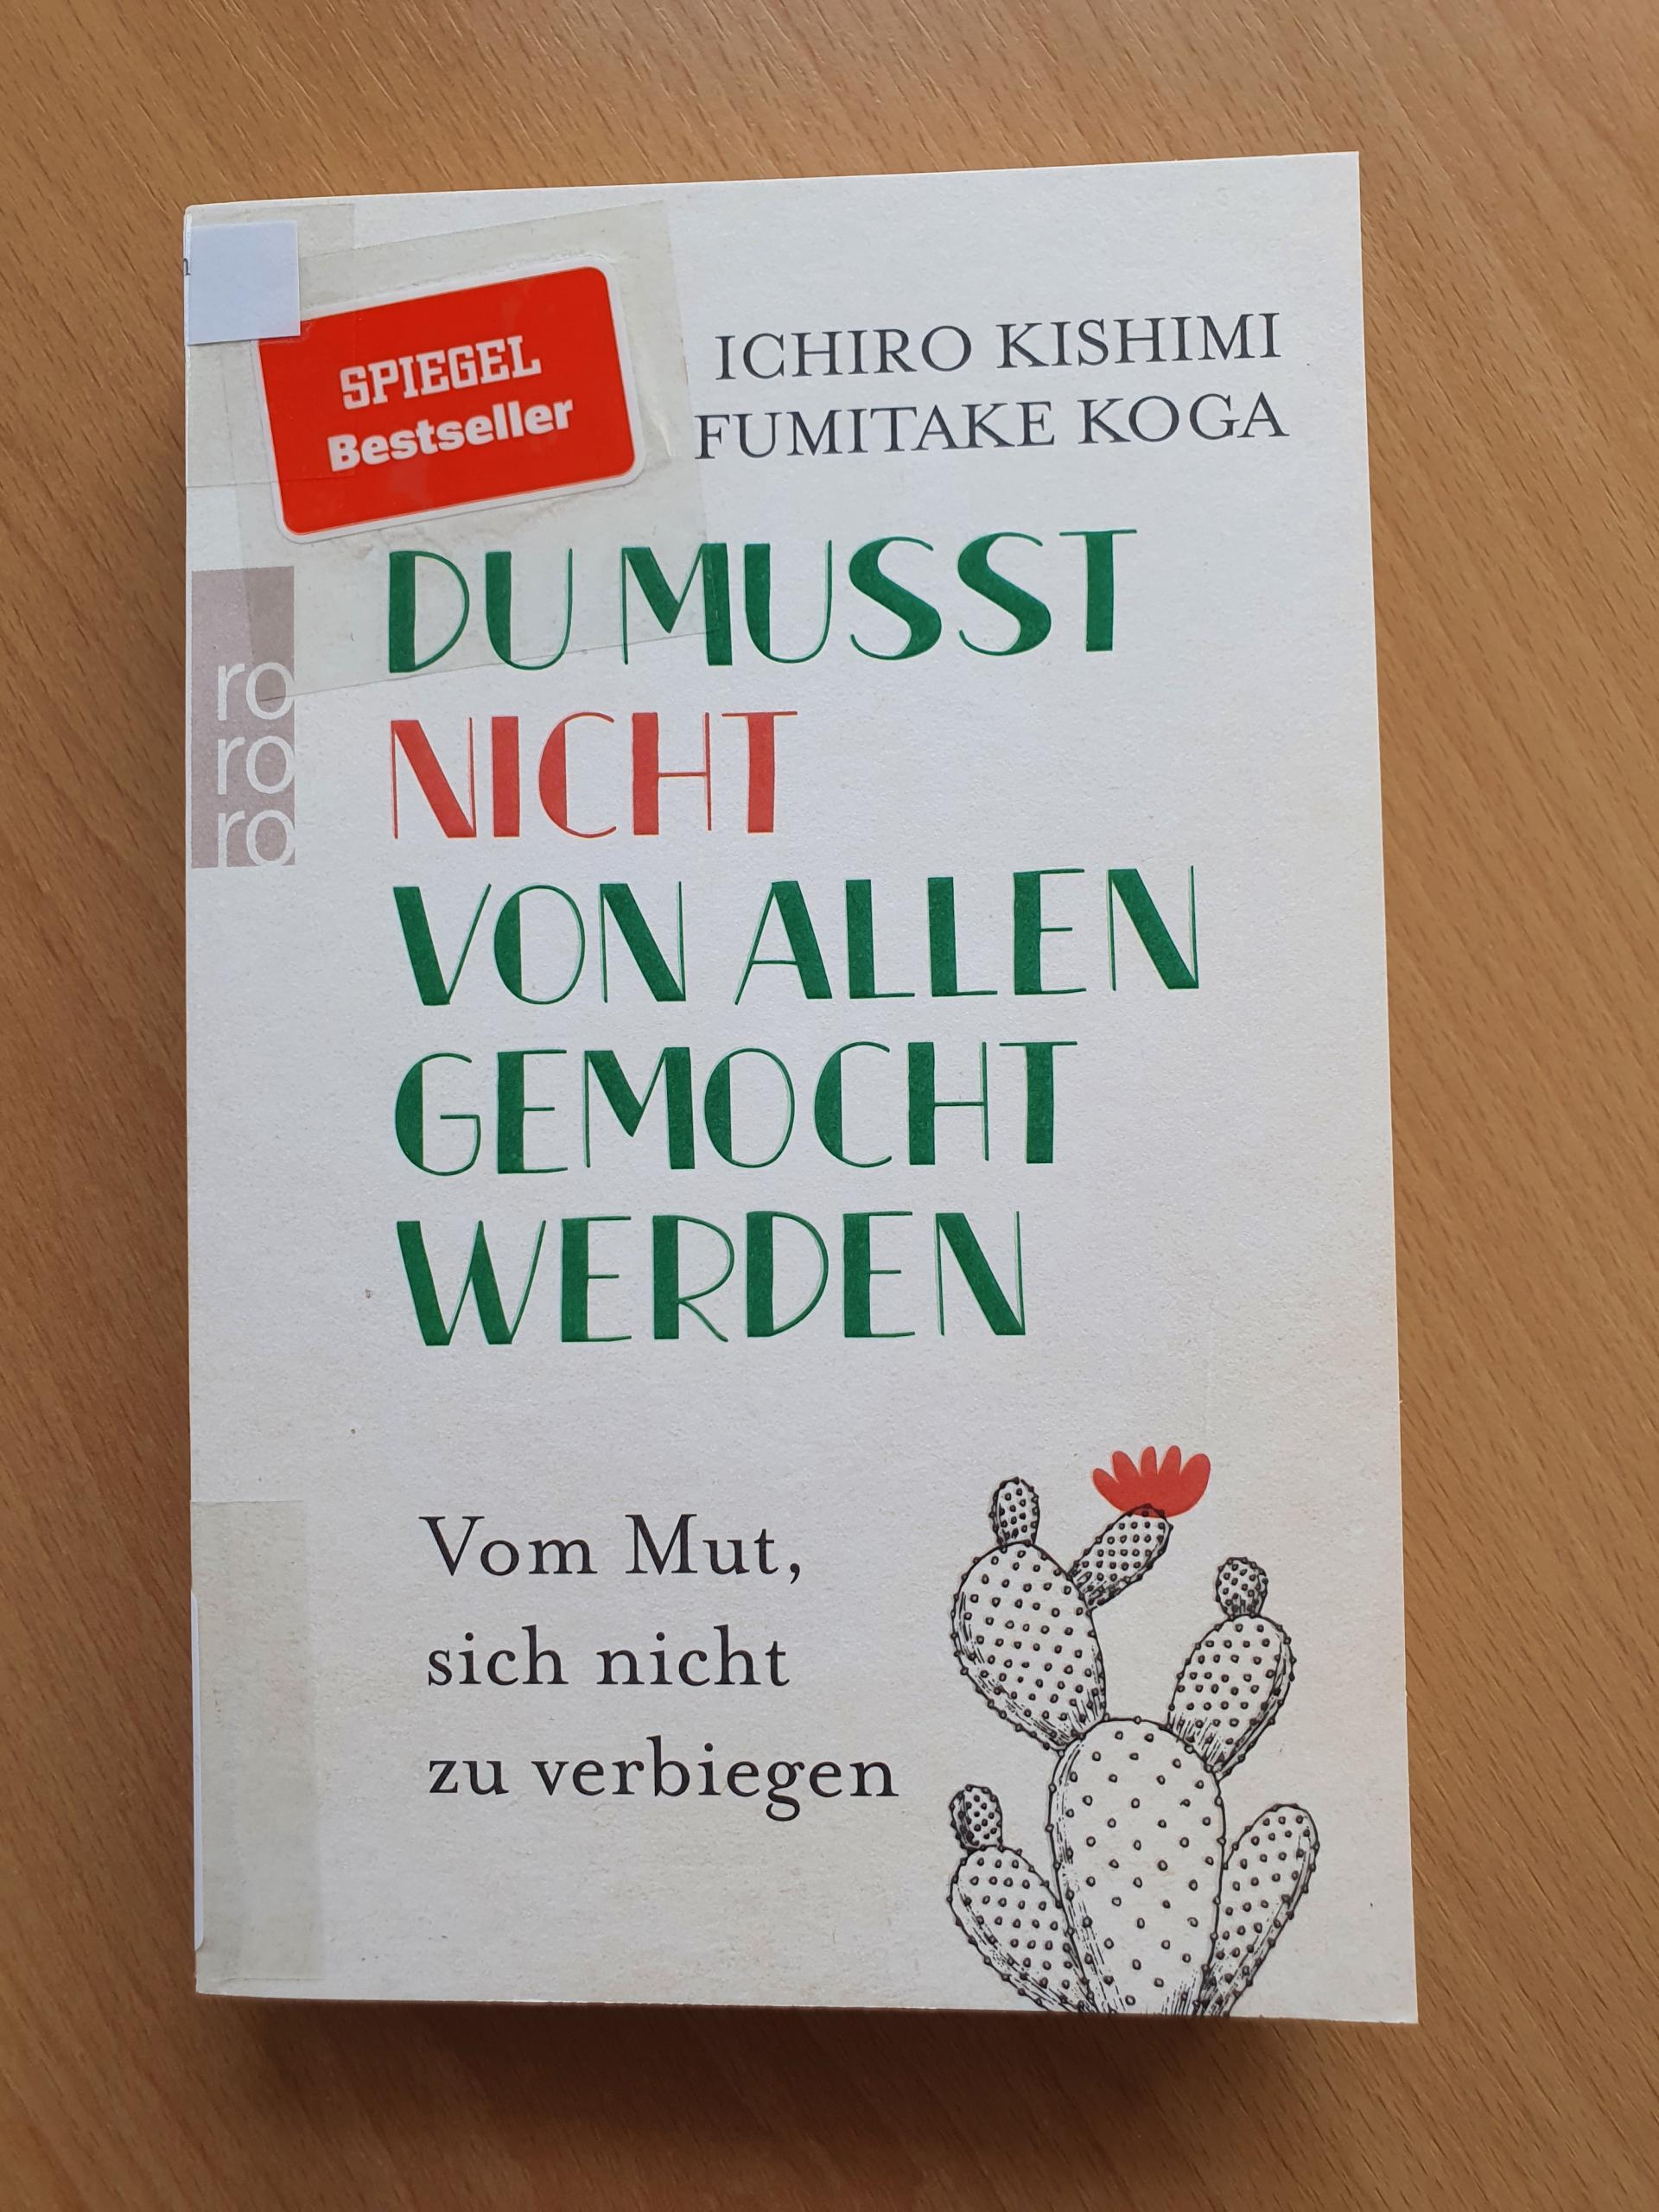 Medientipps Sachliteratur ©Stadtbibliothek Schönebeck